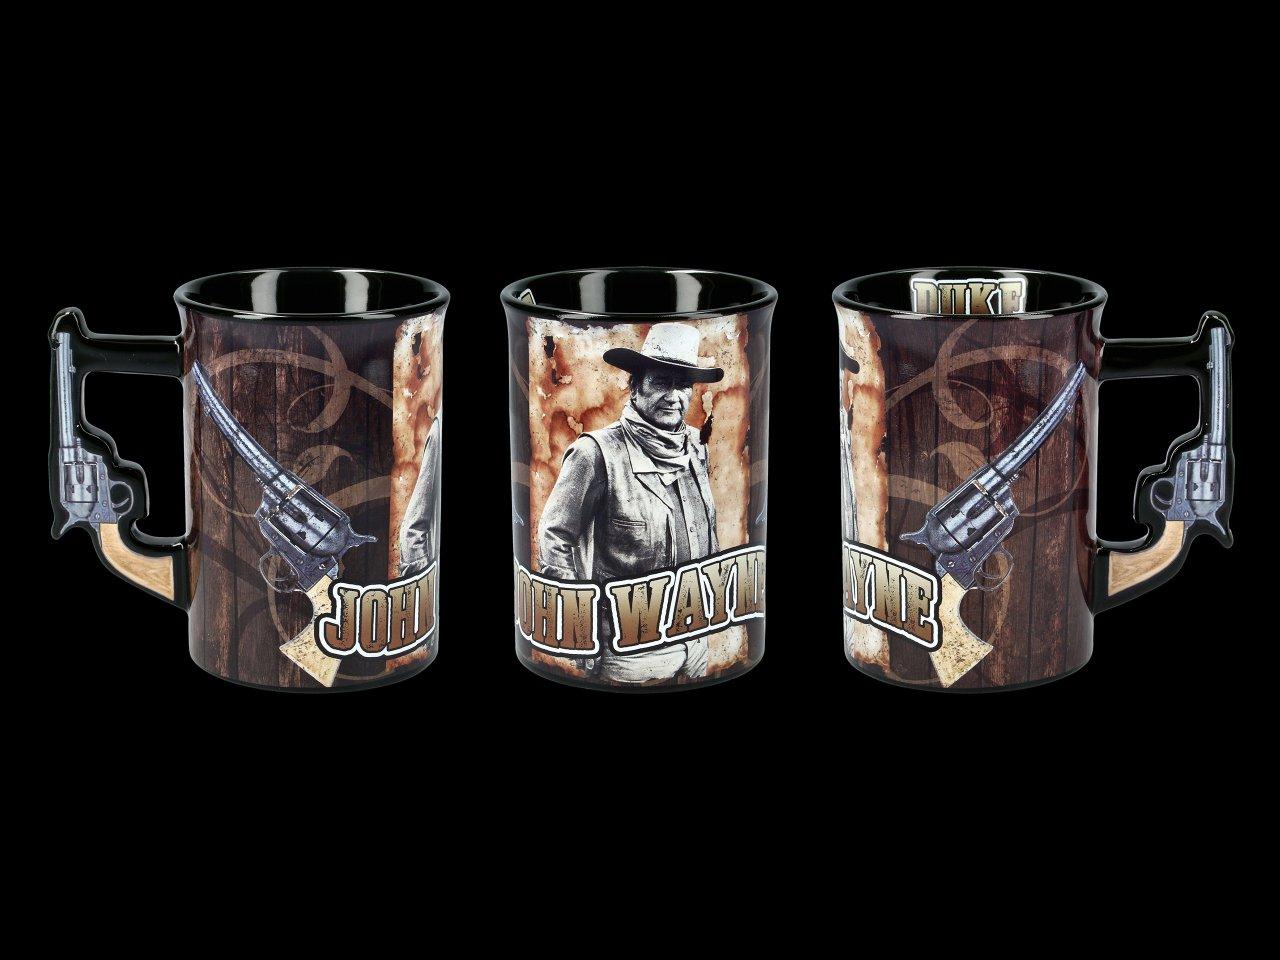 John Wayne Ceramic Mug - The Duke